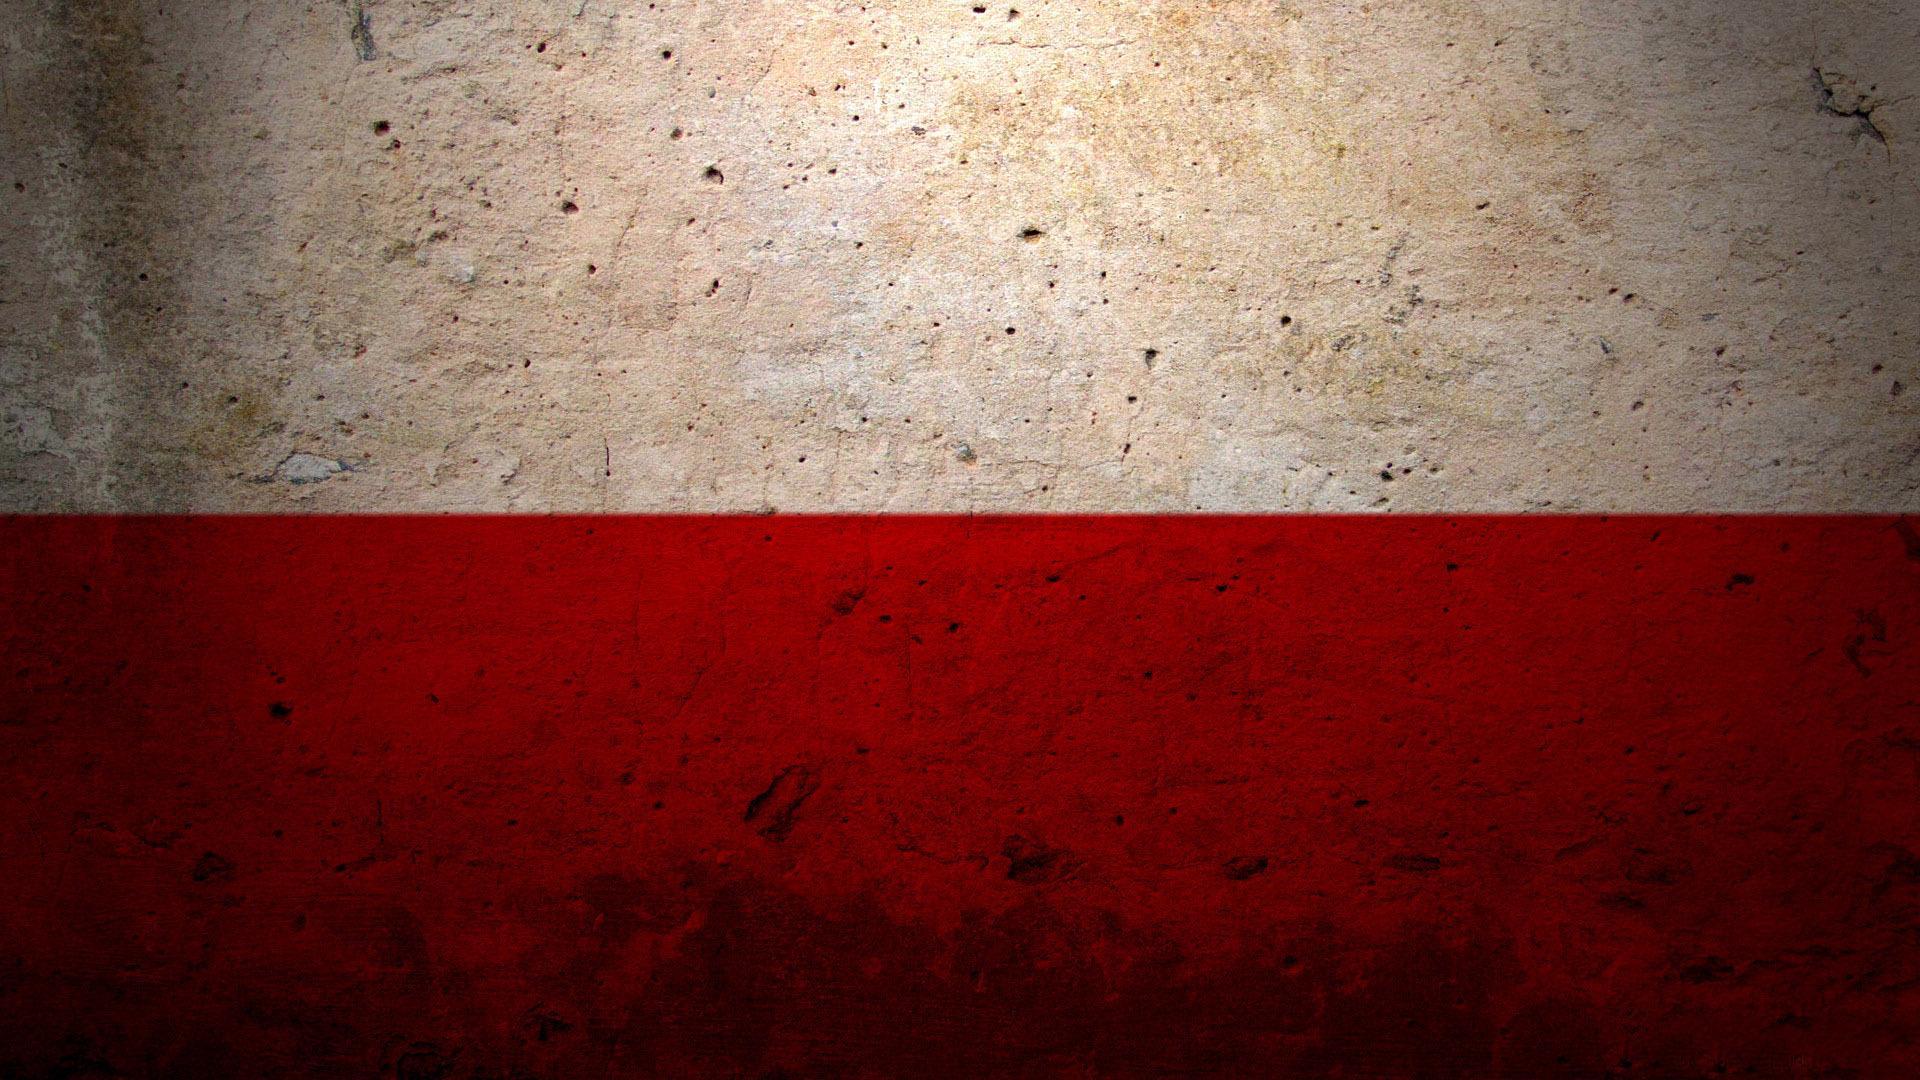 Animated Lion Wallpaper Hd Flag Of Poland Hd Desktop Wallpaper Widescreen High